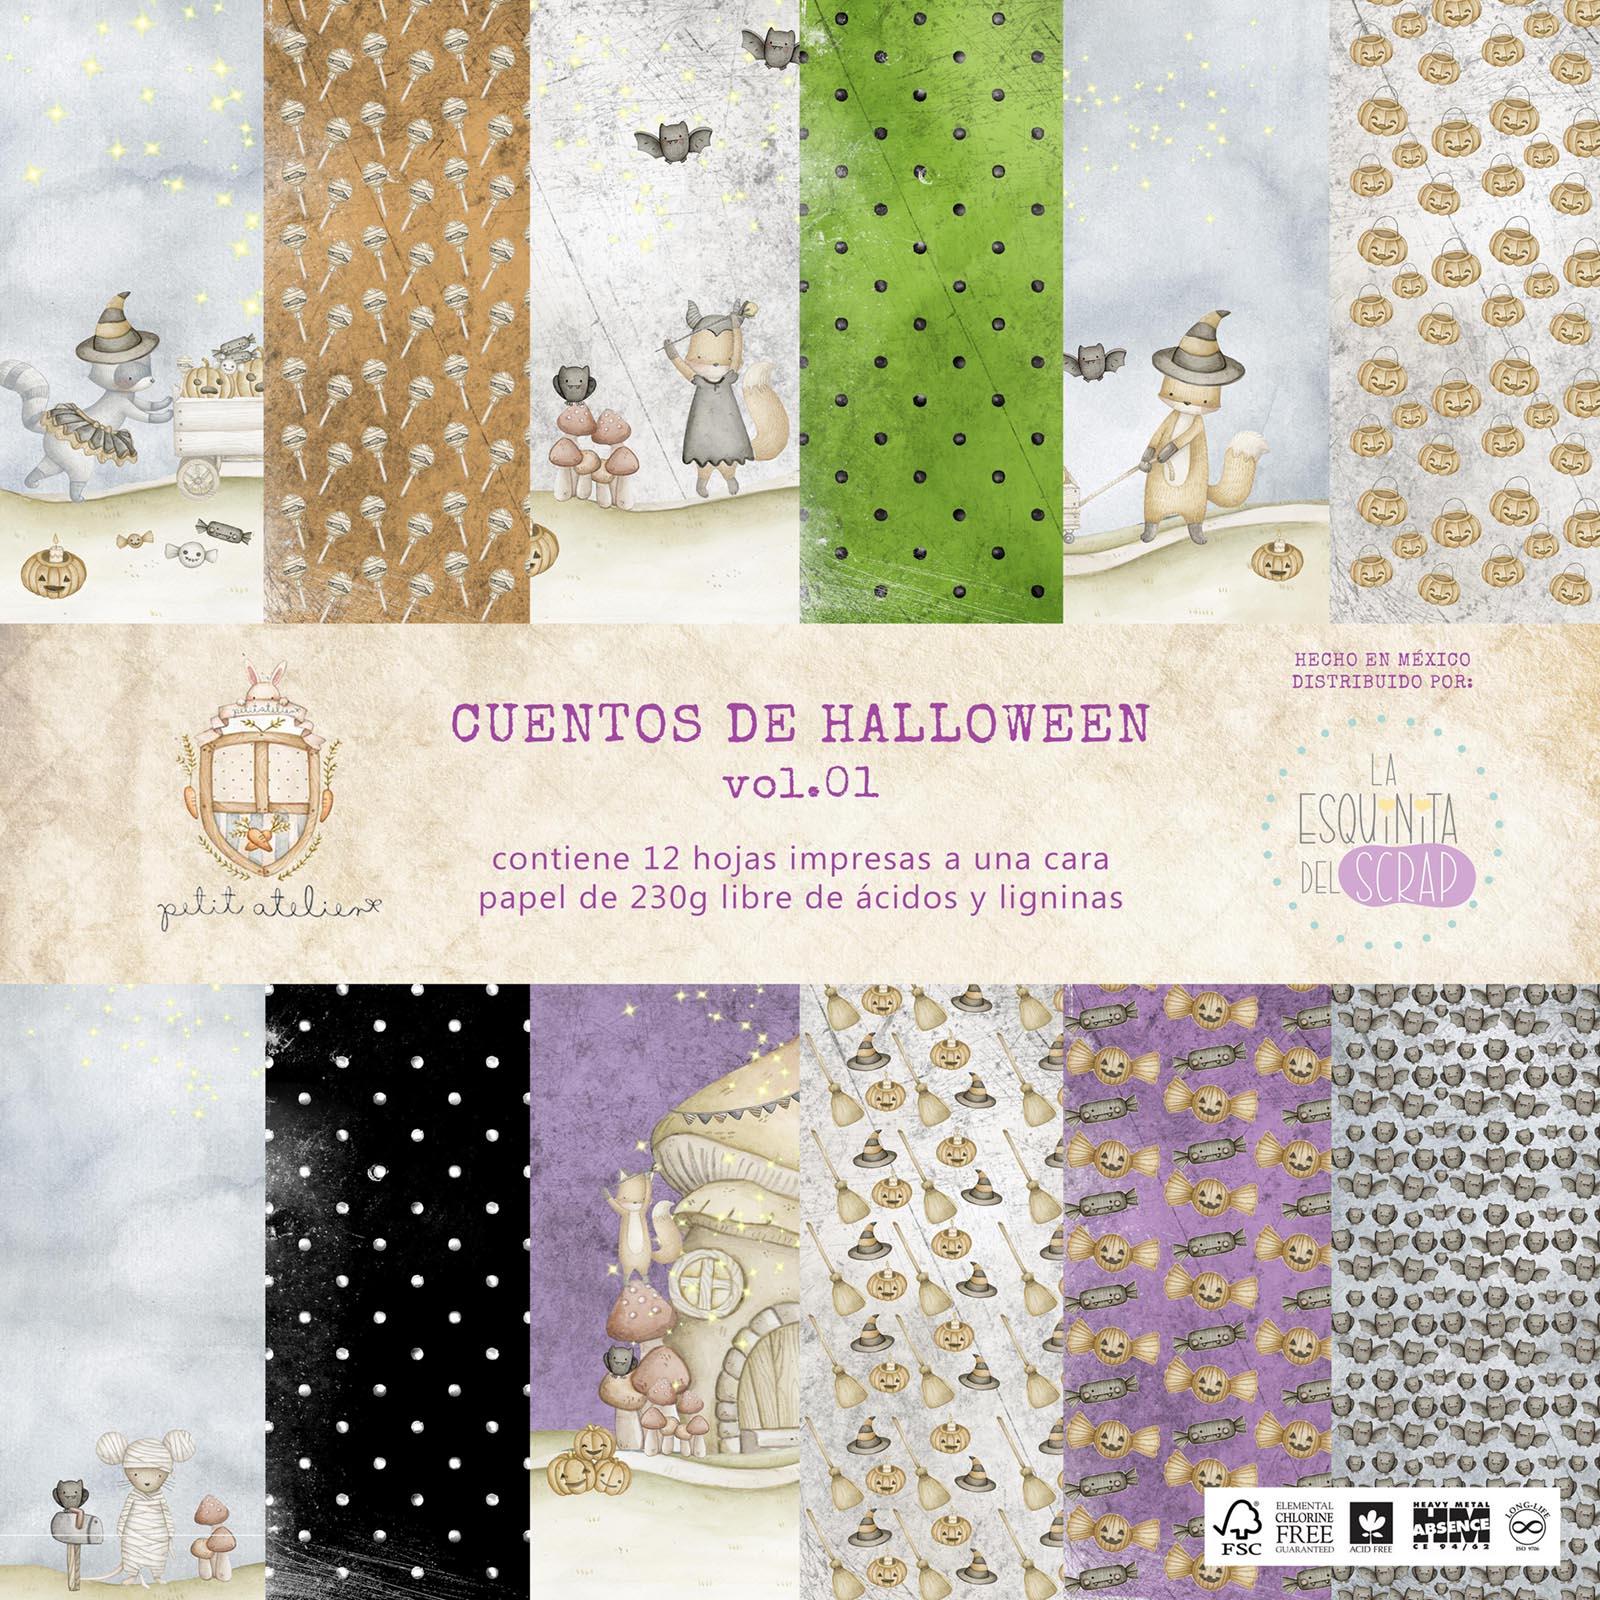 portada colección cuentos de Halloween vol.01 scrapbook La esquinita del scrap México 1